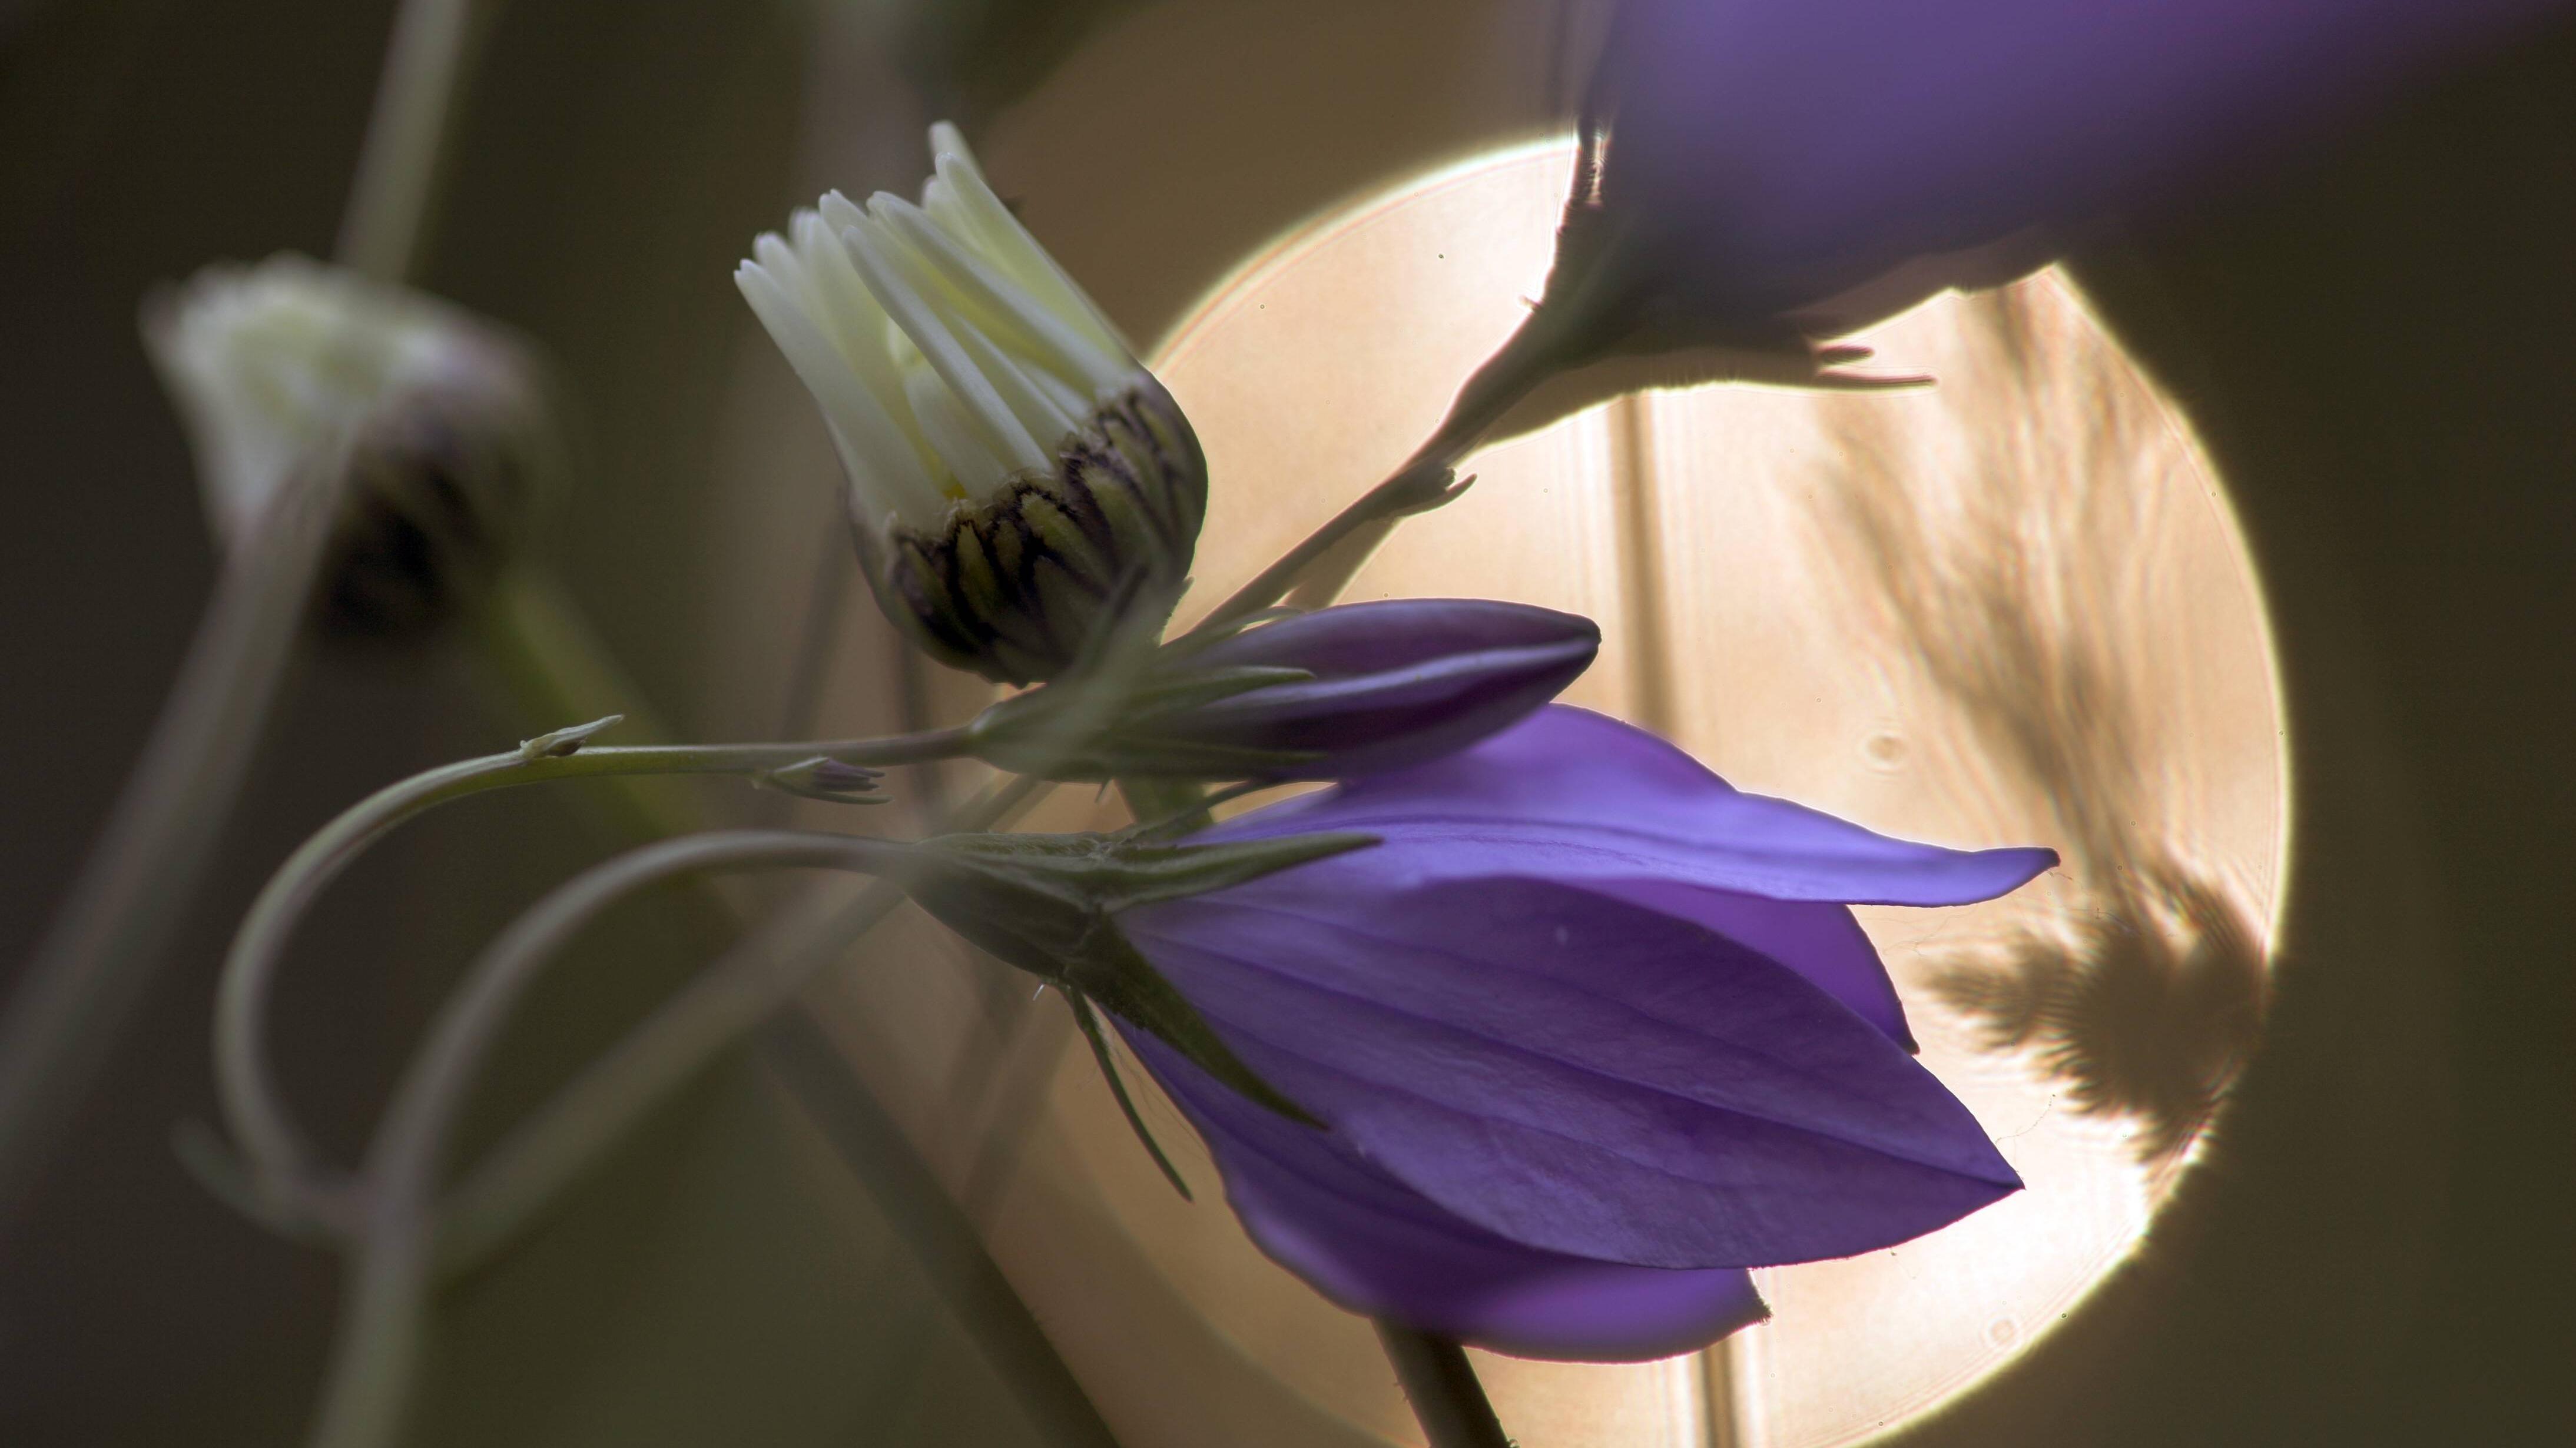 Ob es für Sie sinnvoll ist, Ihre Pflanzen und Blumen nach dem Mondkalender zu gießen, müssen Sie selbst herausfinden.